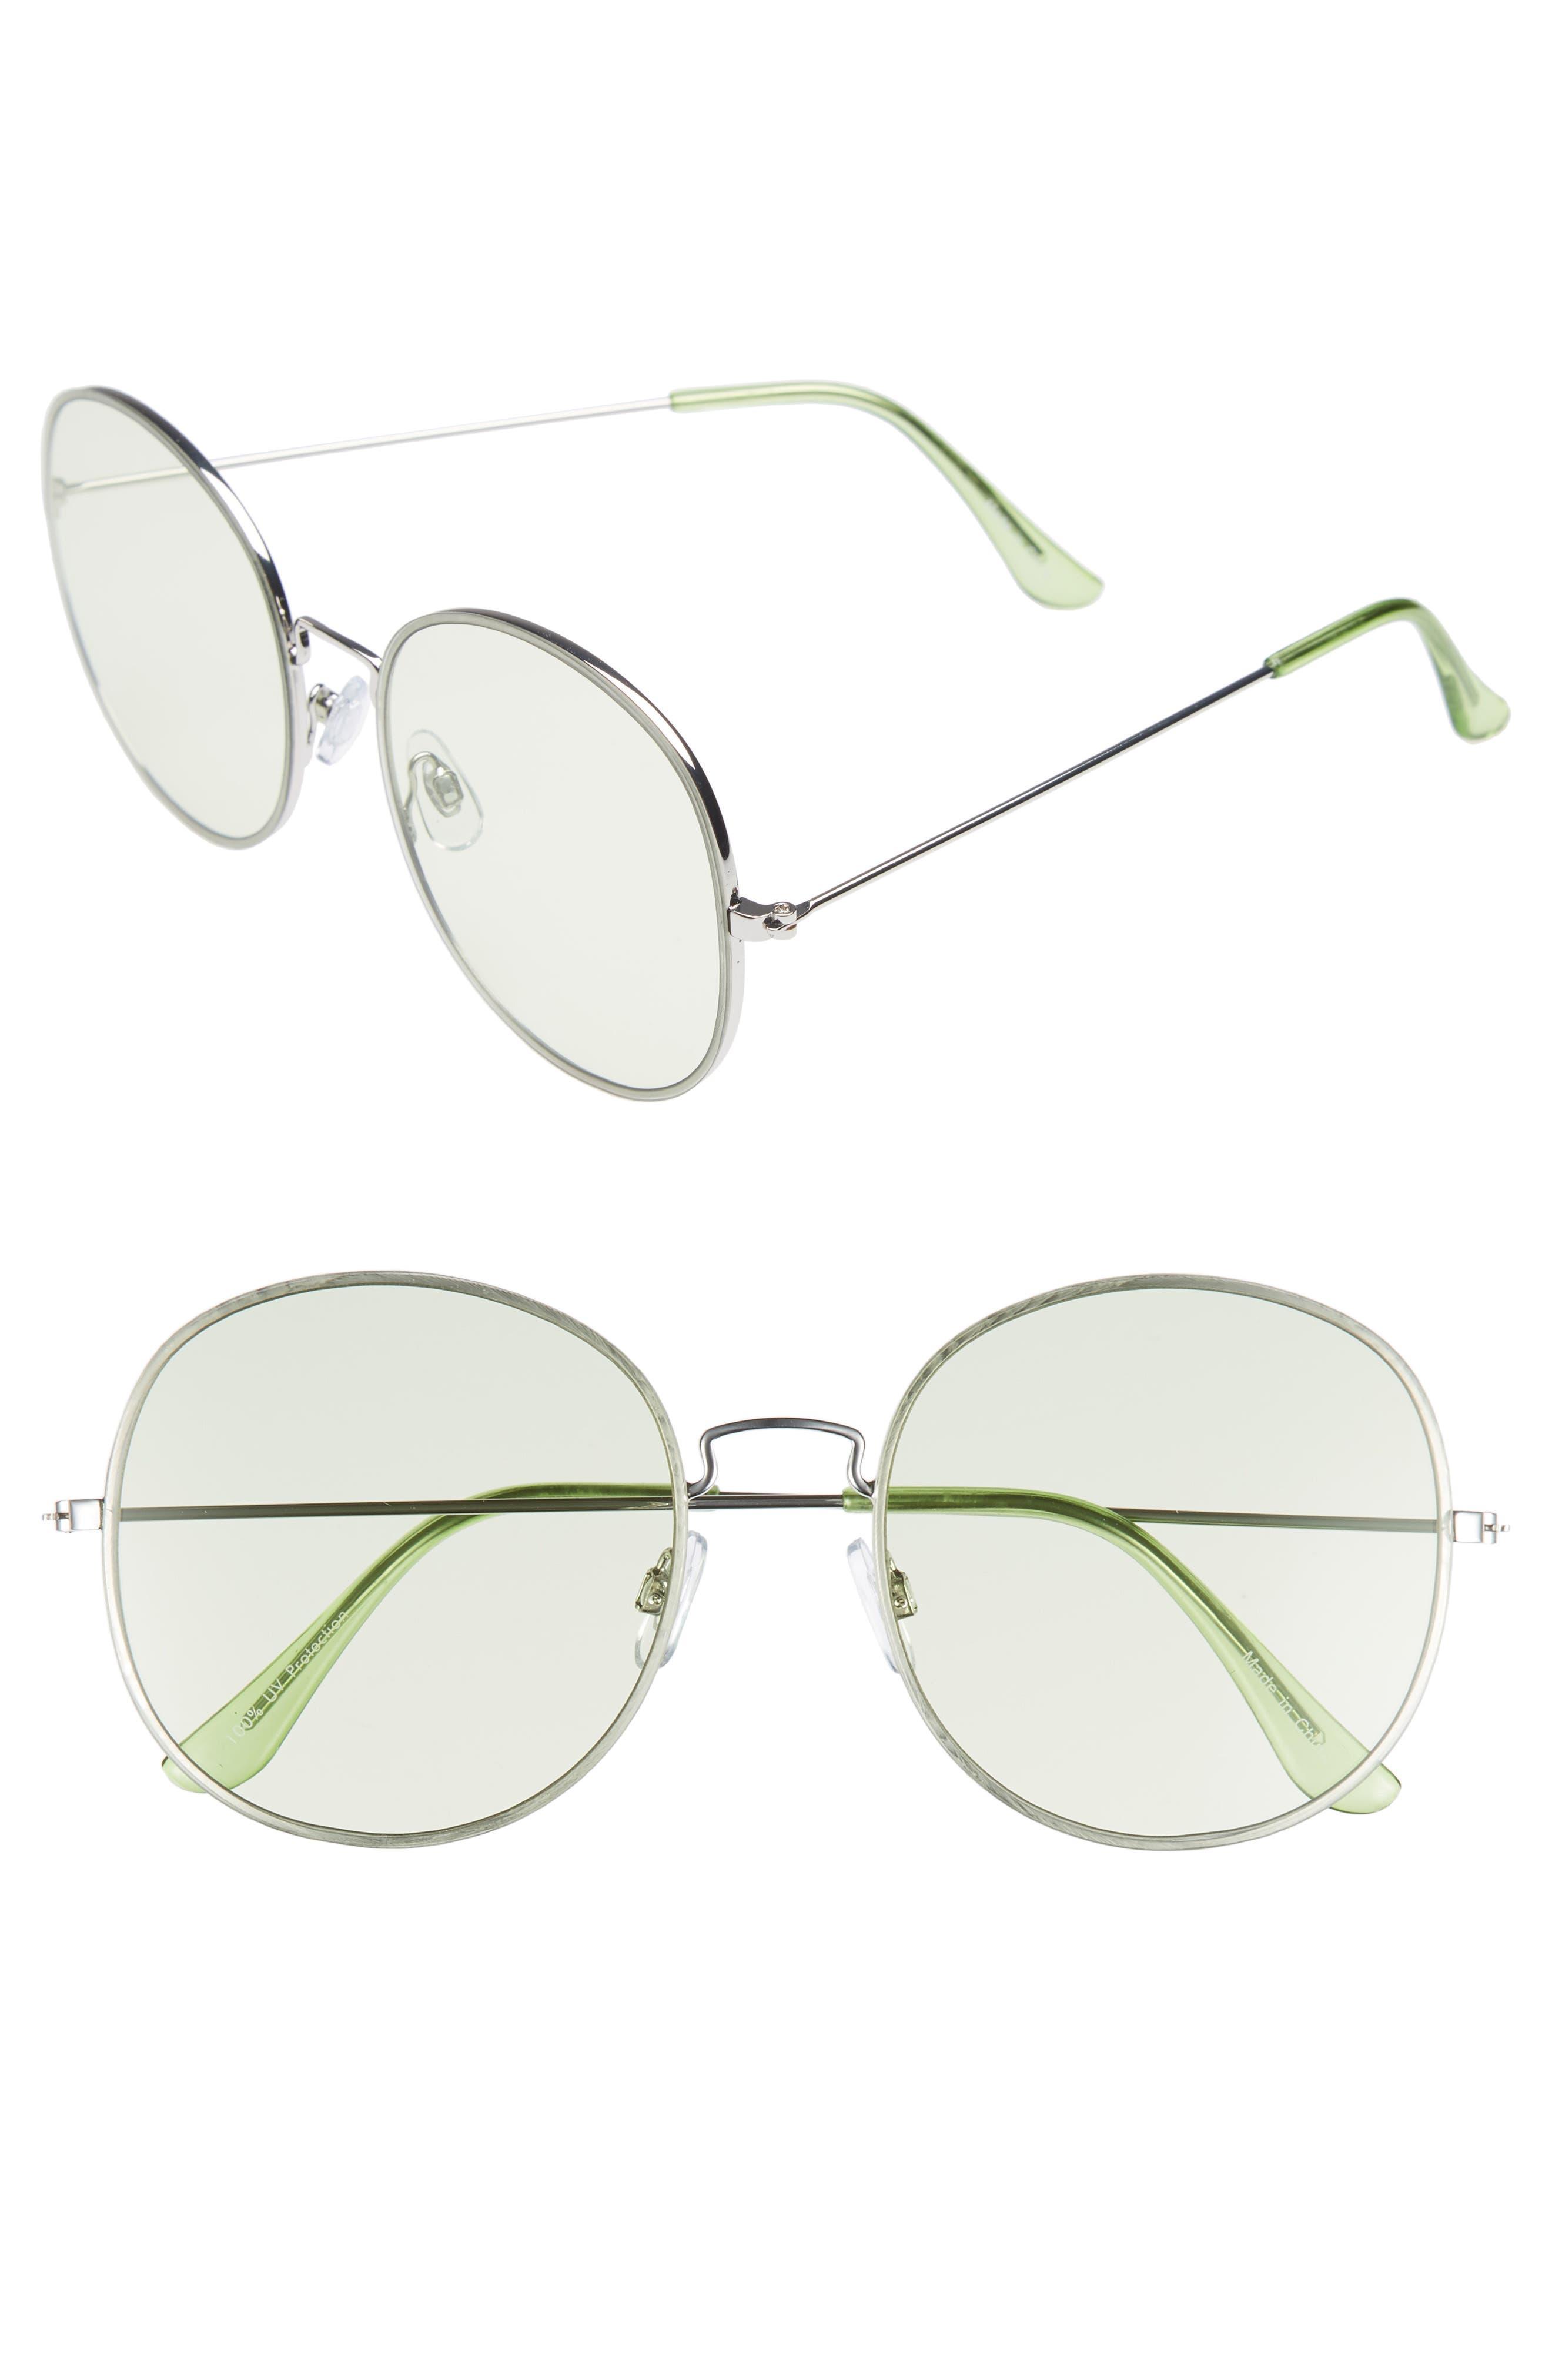 Main Image - BP. 57mm Flat Round Sunglasses